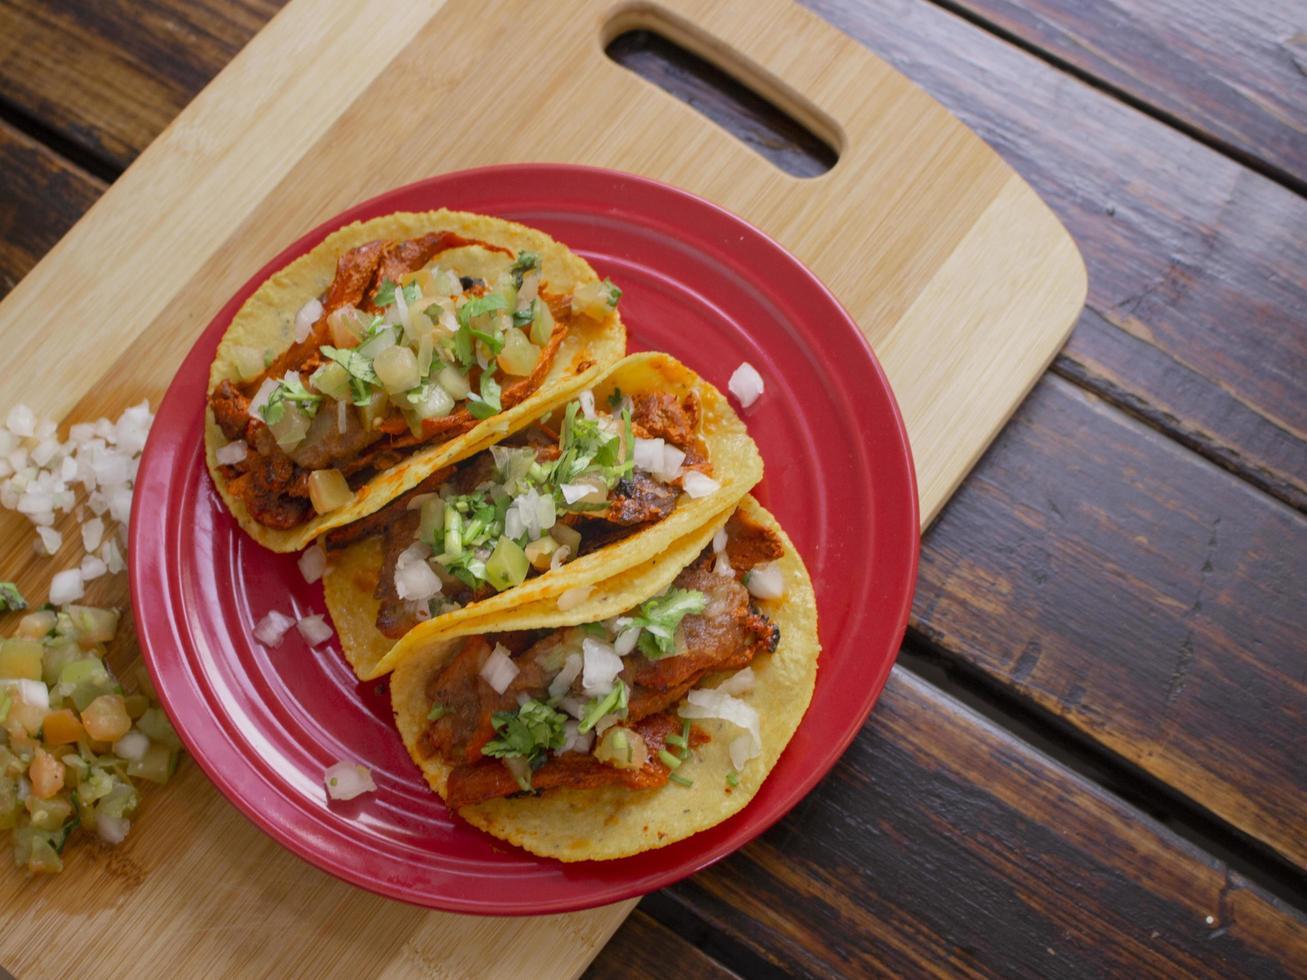 Tacos de boeuf sur une assiette rouge photo